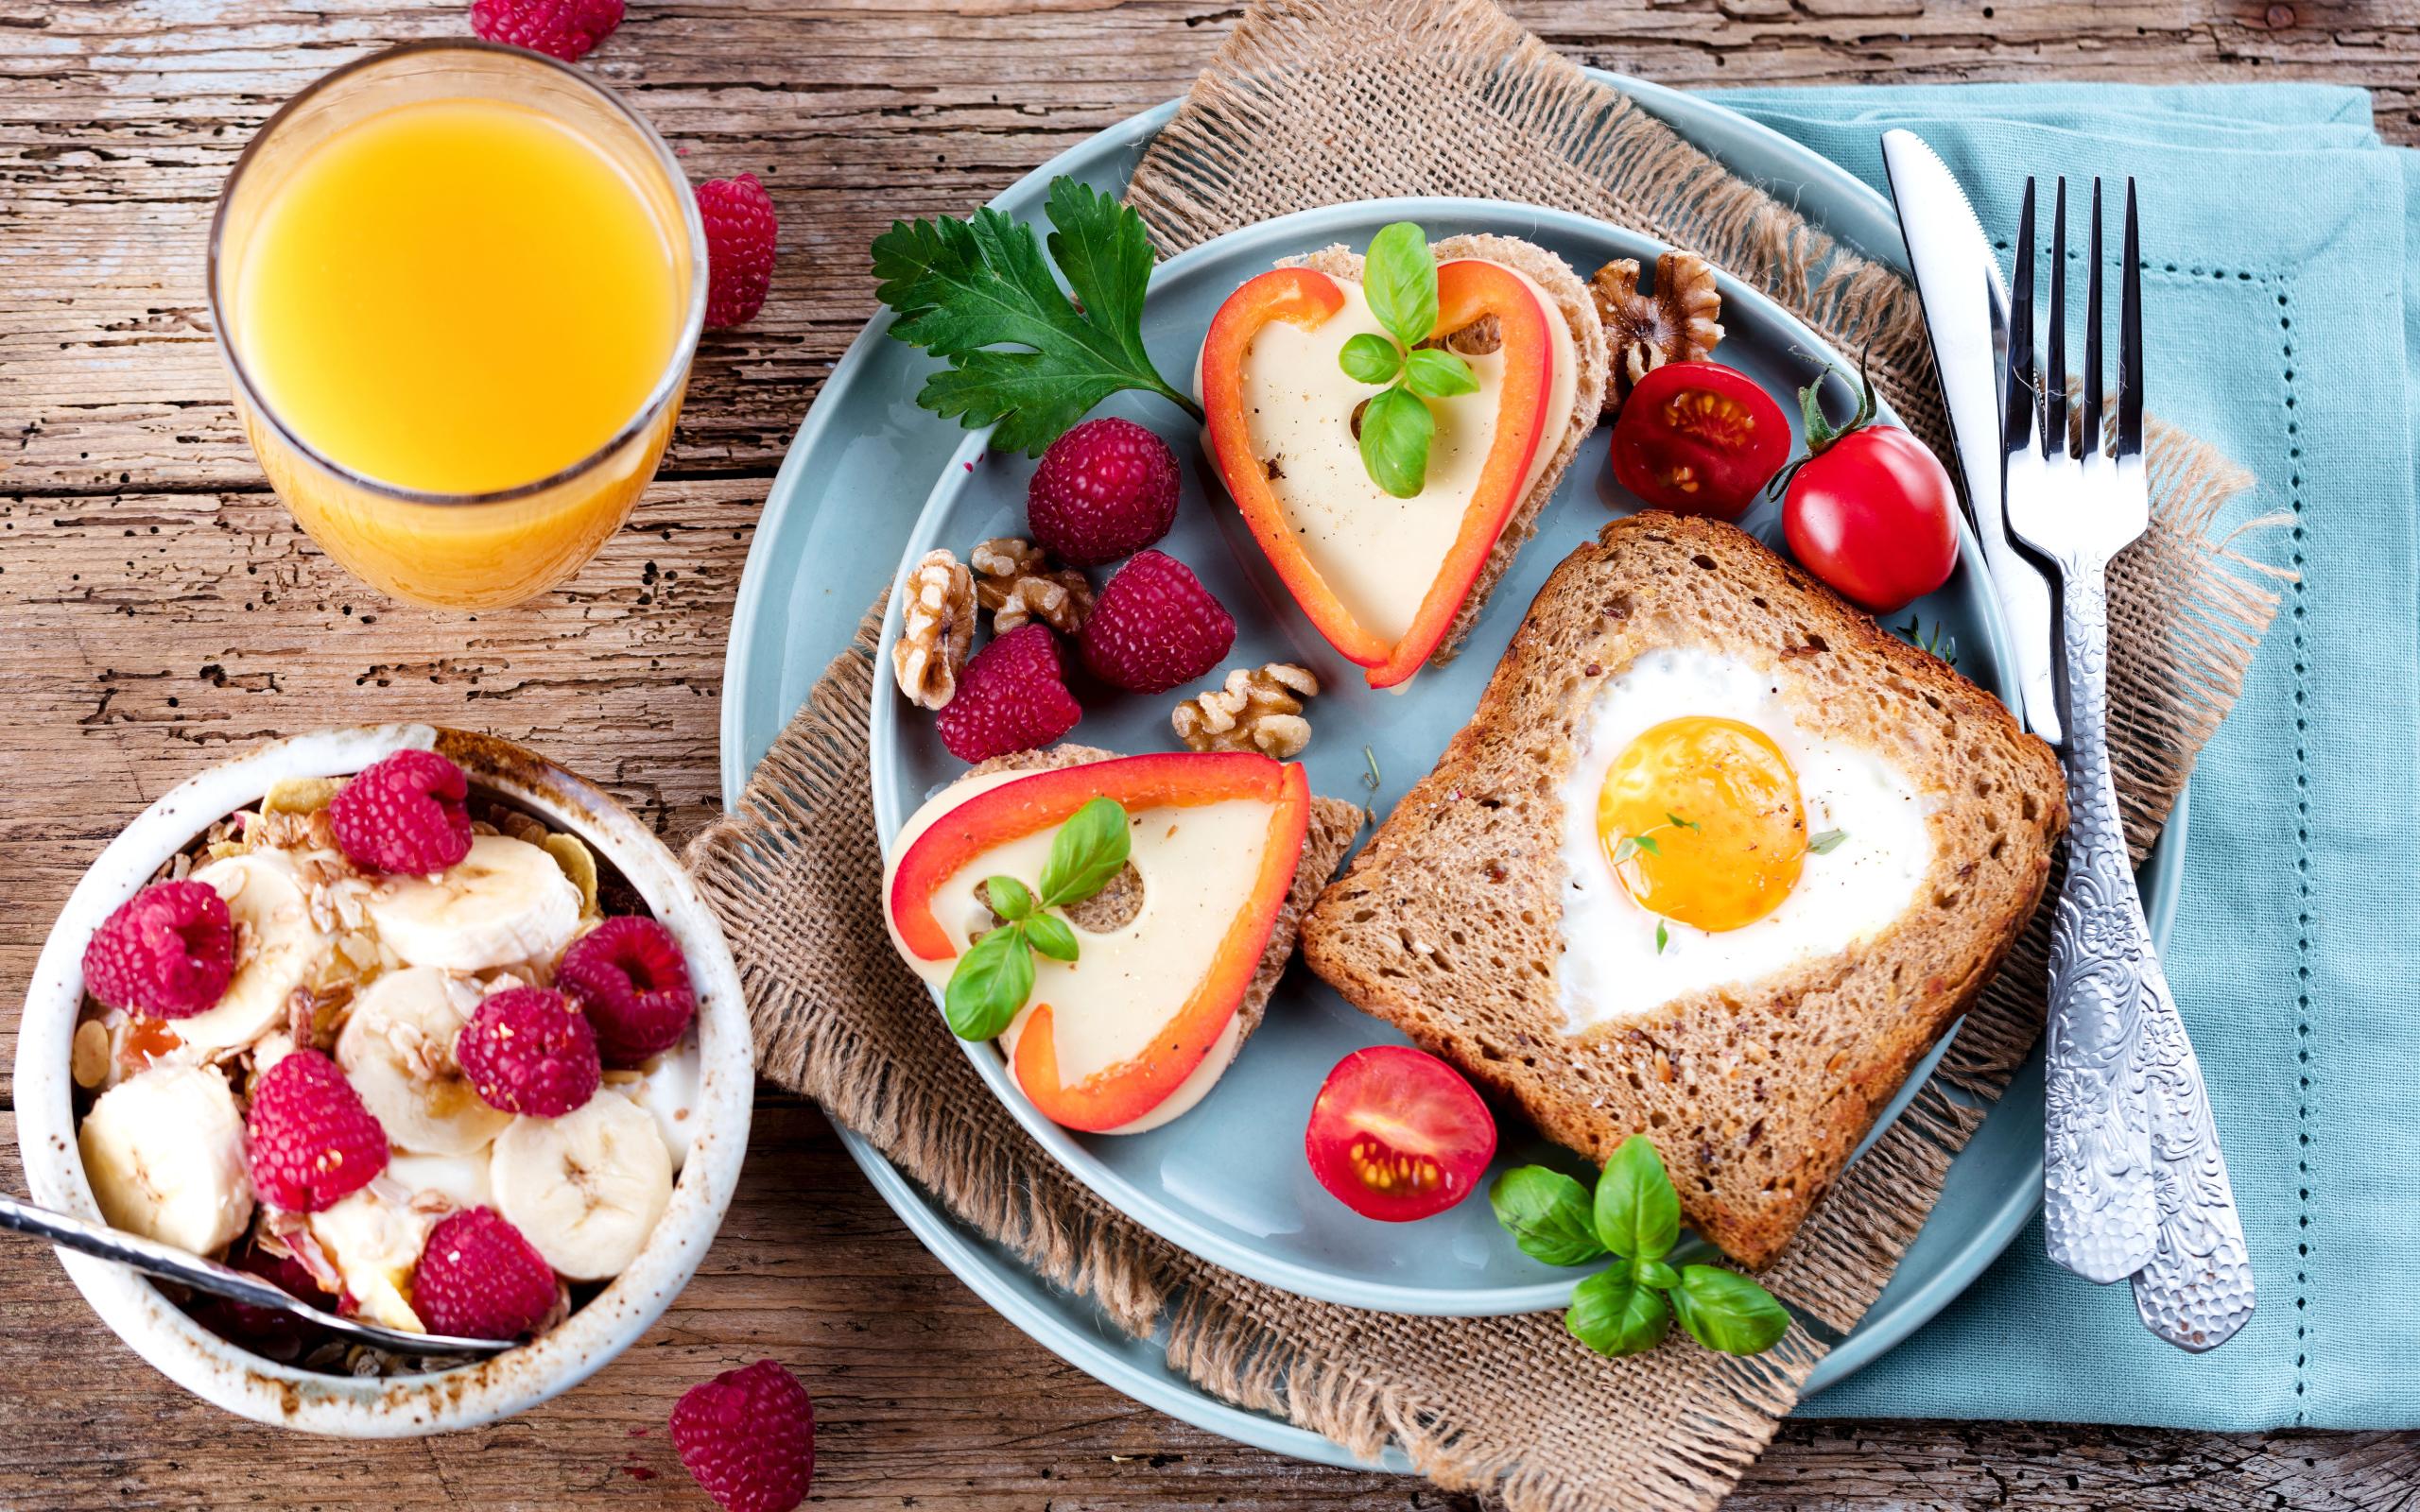 гостей картинки завтрака на работу известно